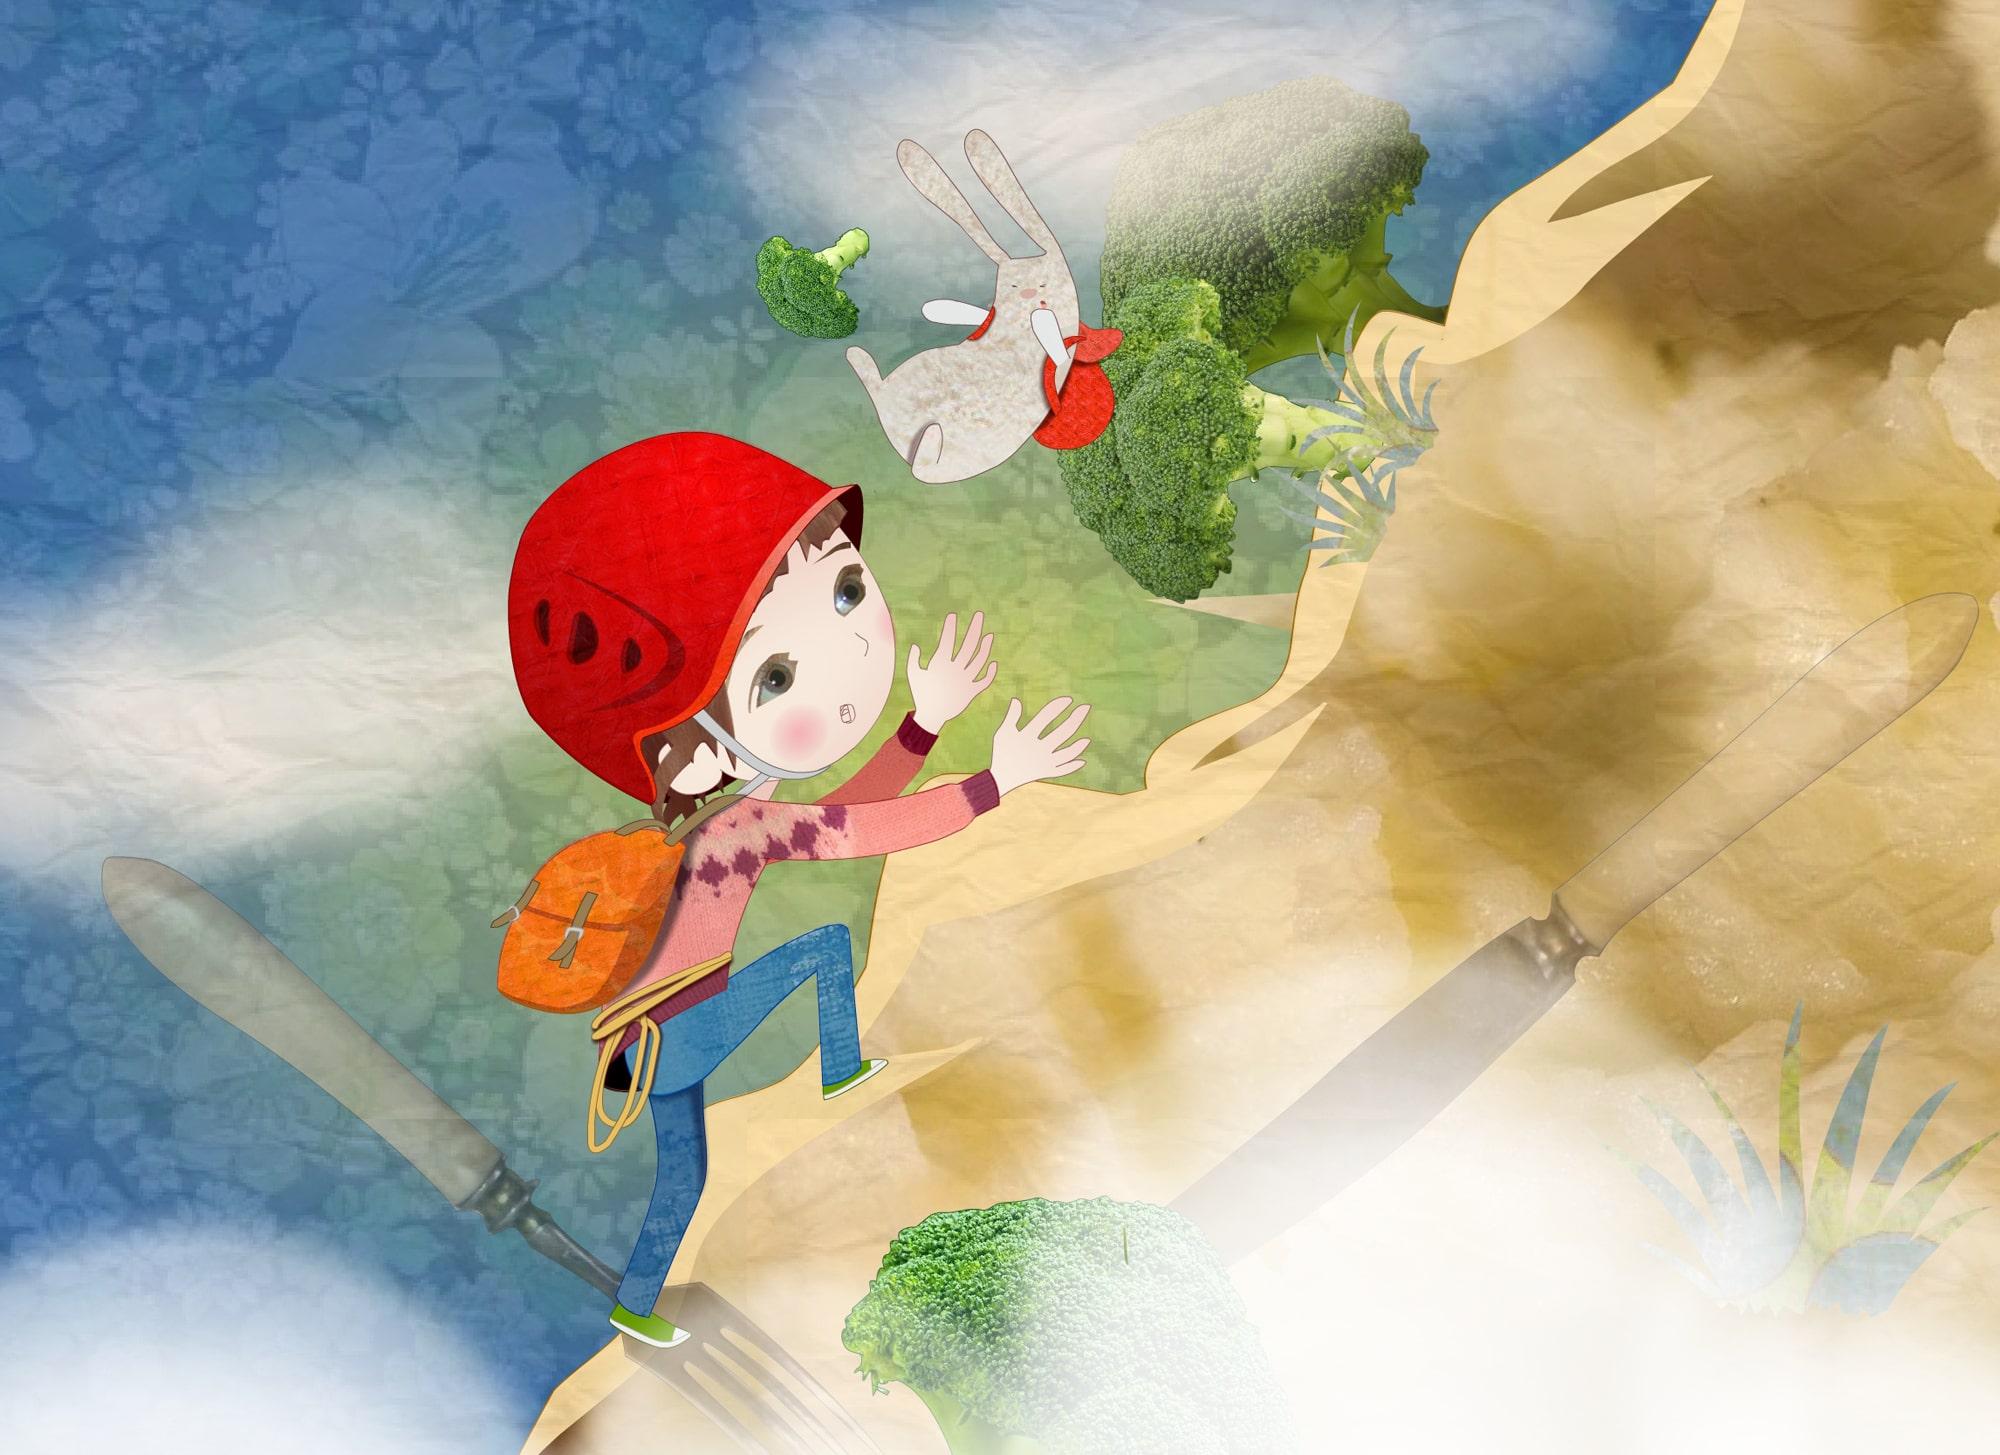 Girl and rabbit on mountain - Illustration - Luella Jane